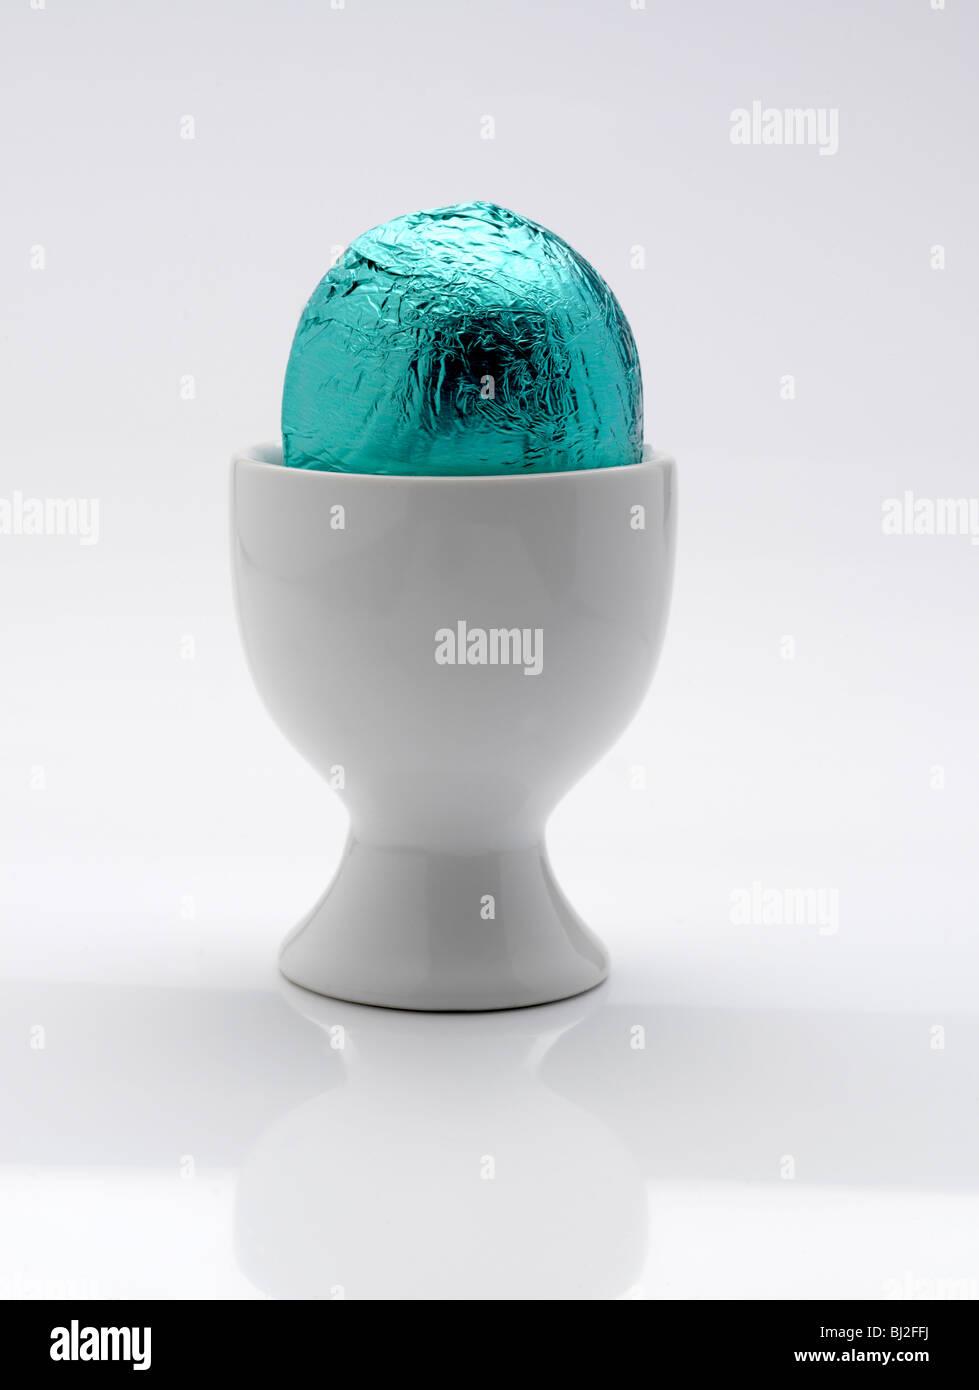 Easter Egg Blue Foil Stock Photos & Easter Egg Blue Foil Stock ...